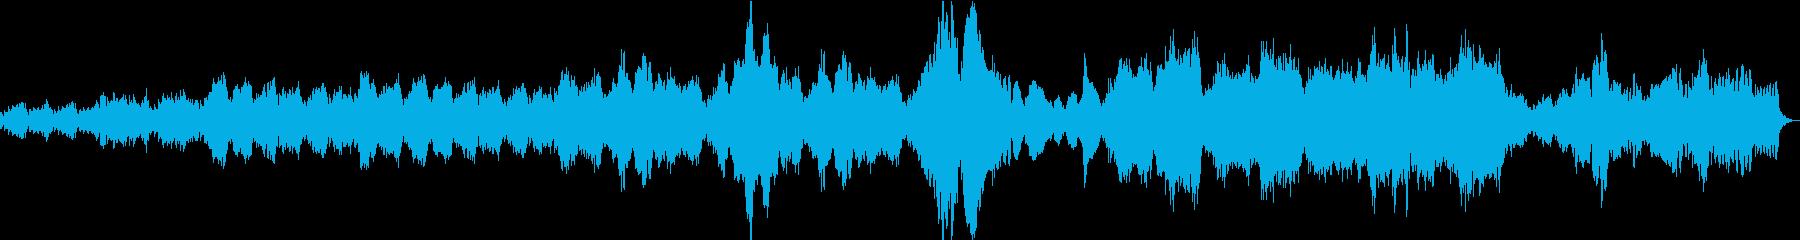 小オーケストラ ミステリアス ループ版の再生済みの波形